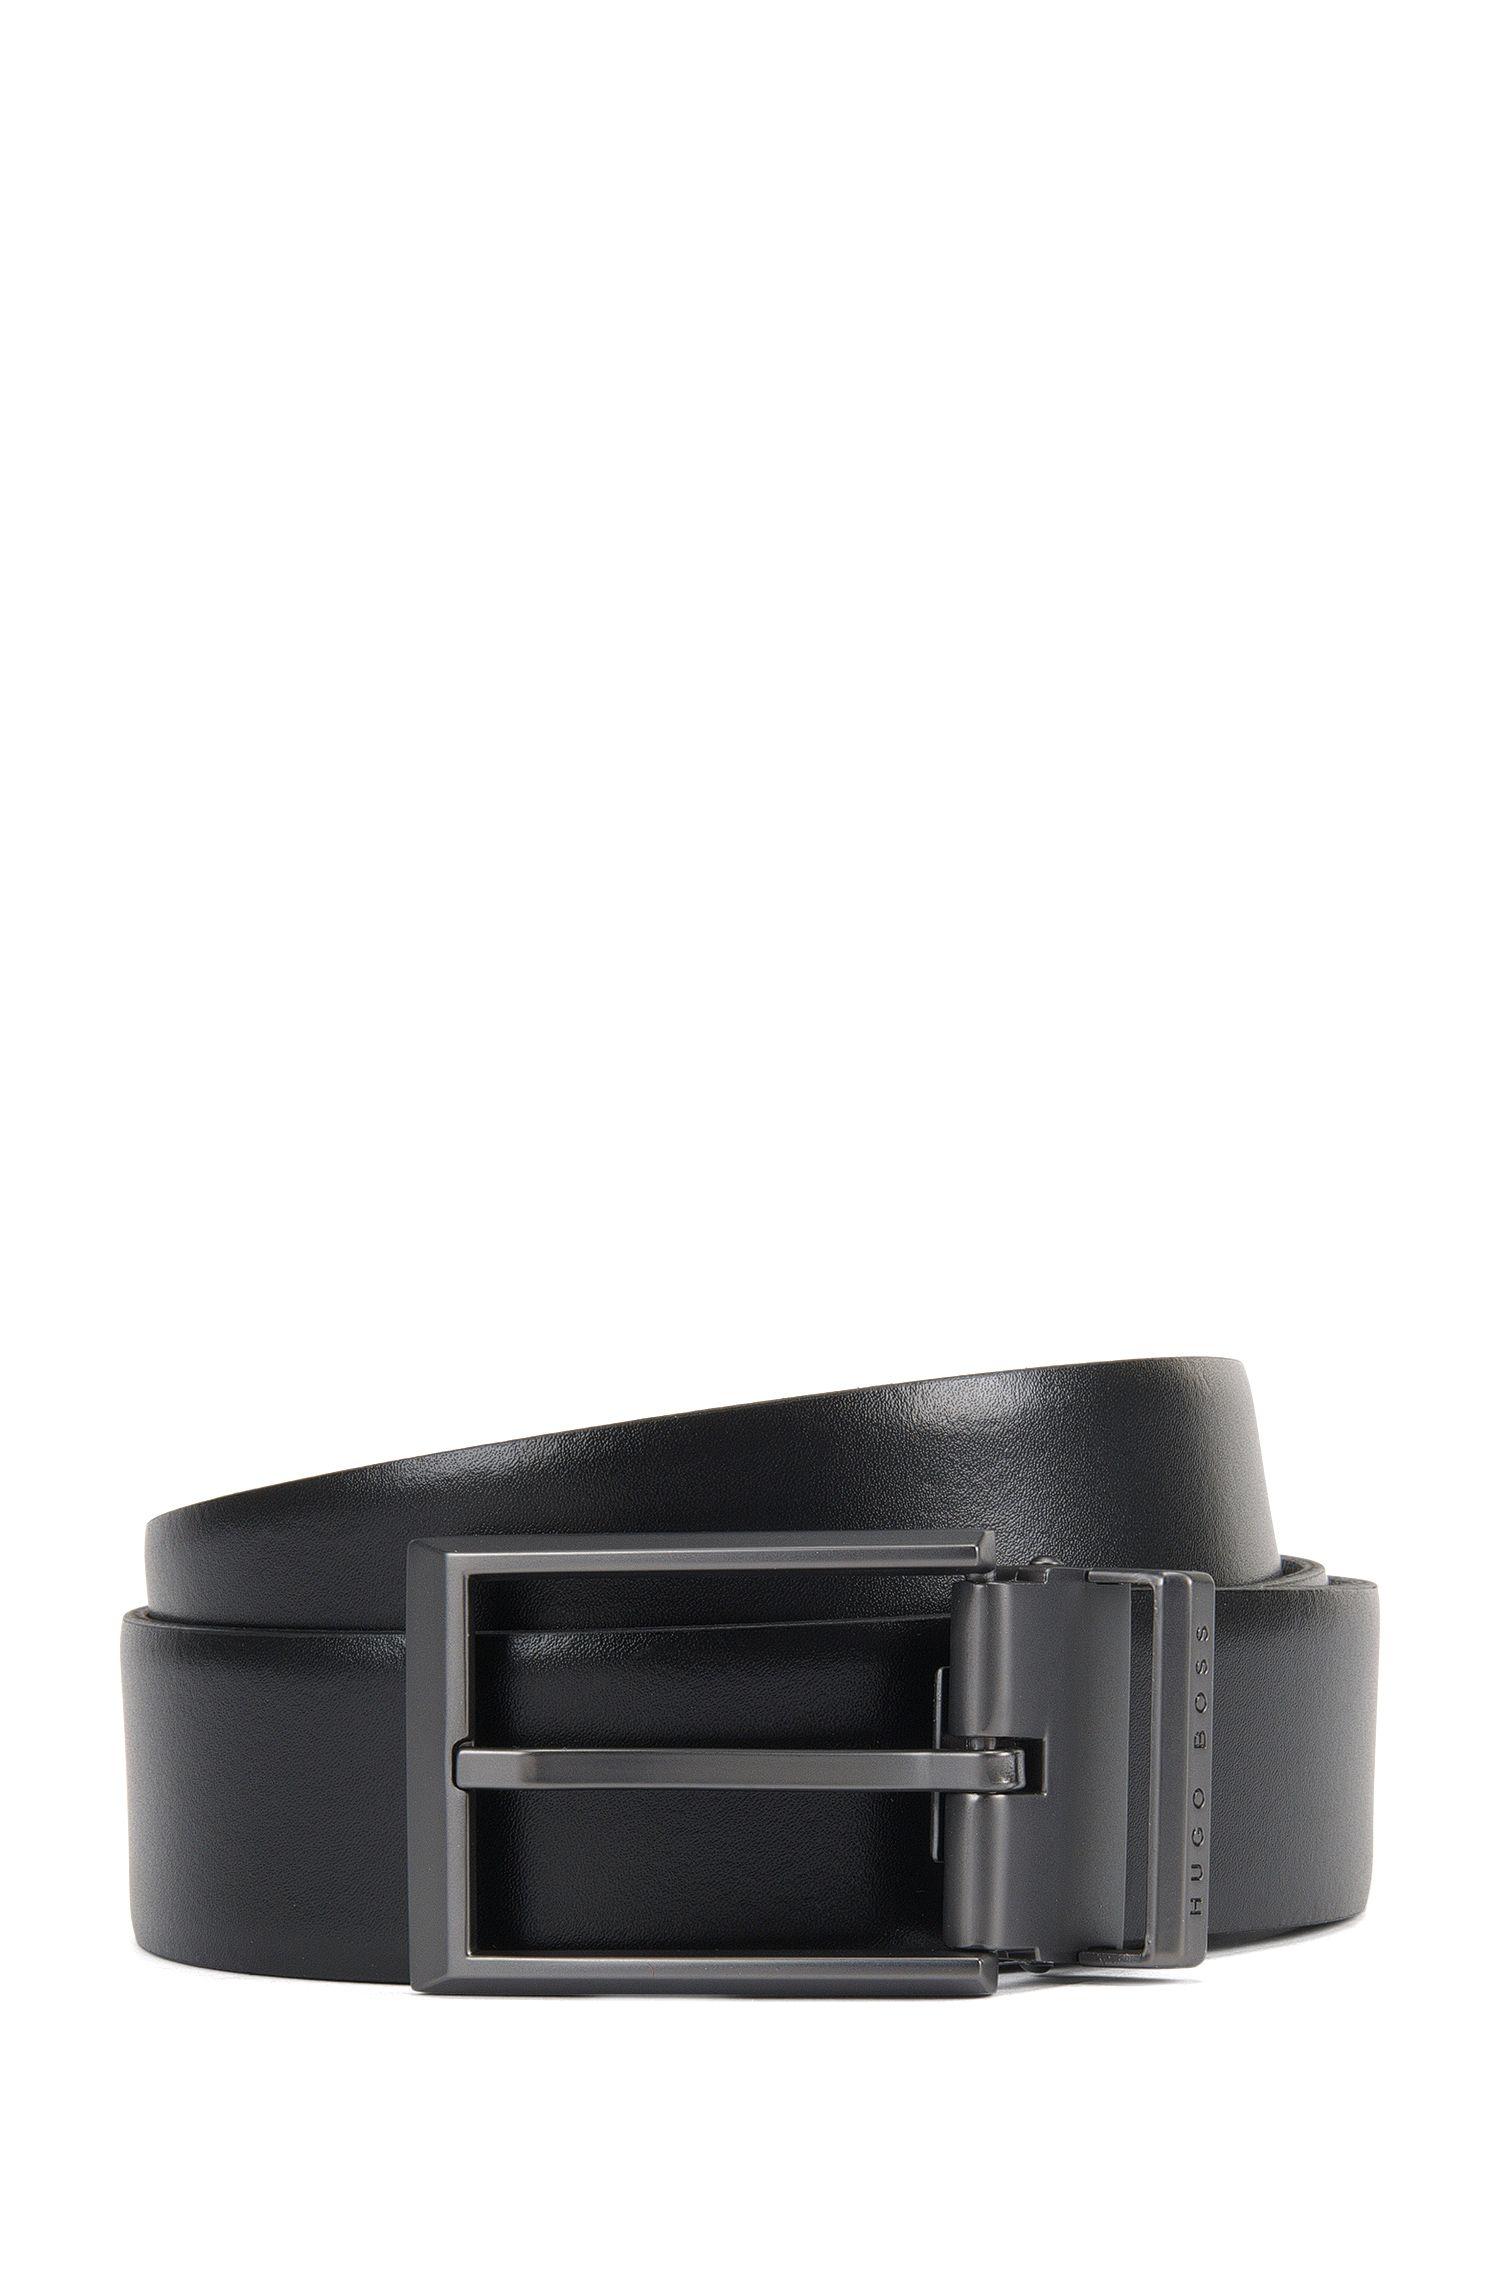 Cintura reversibile in pelle liscia